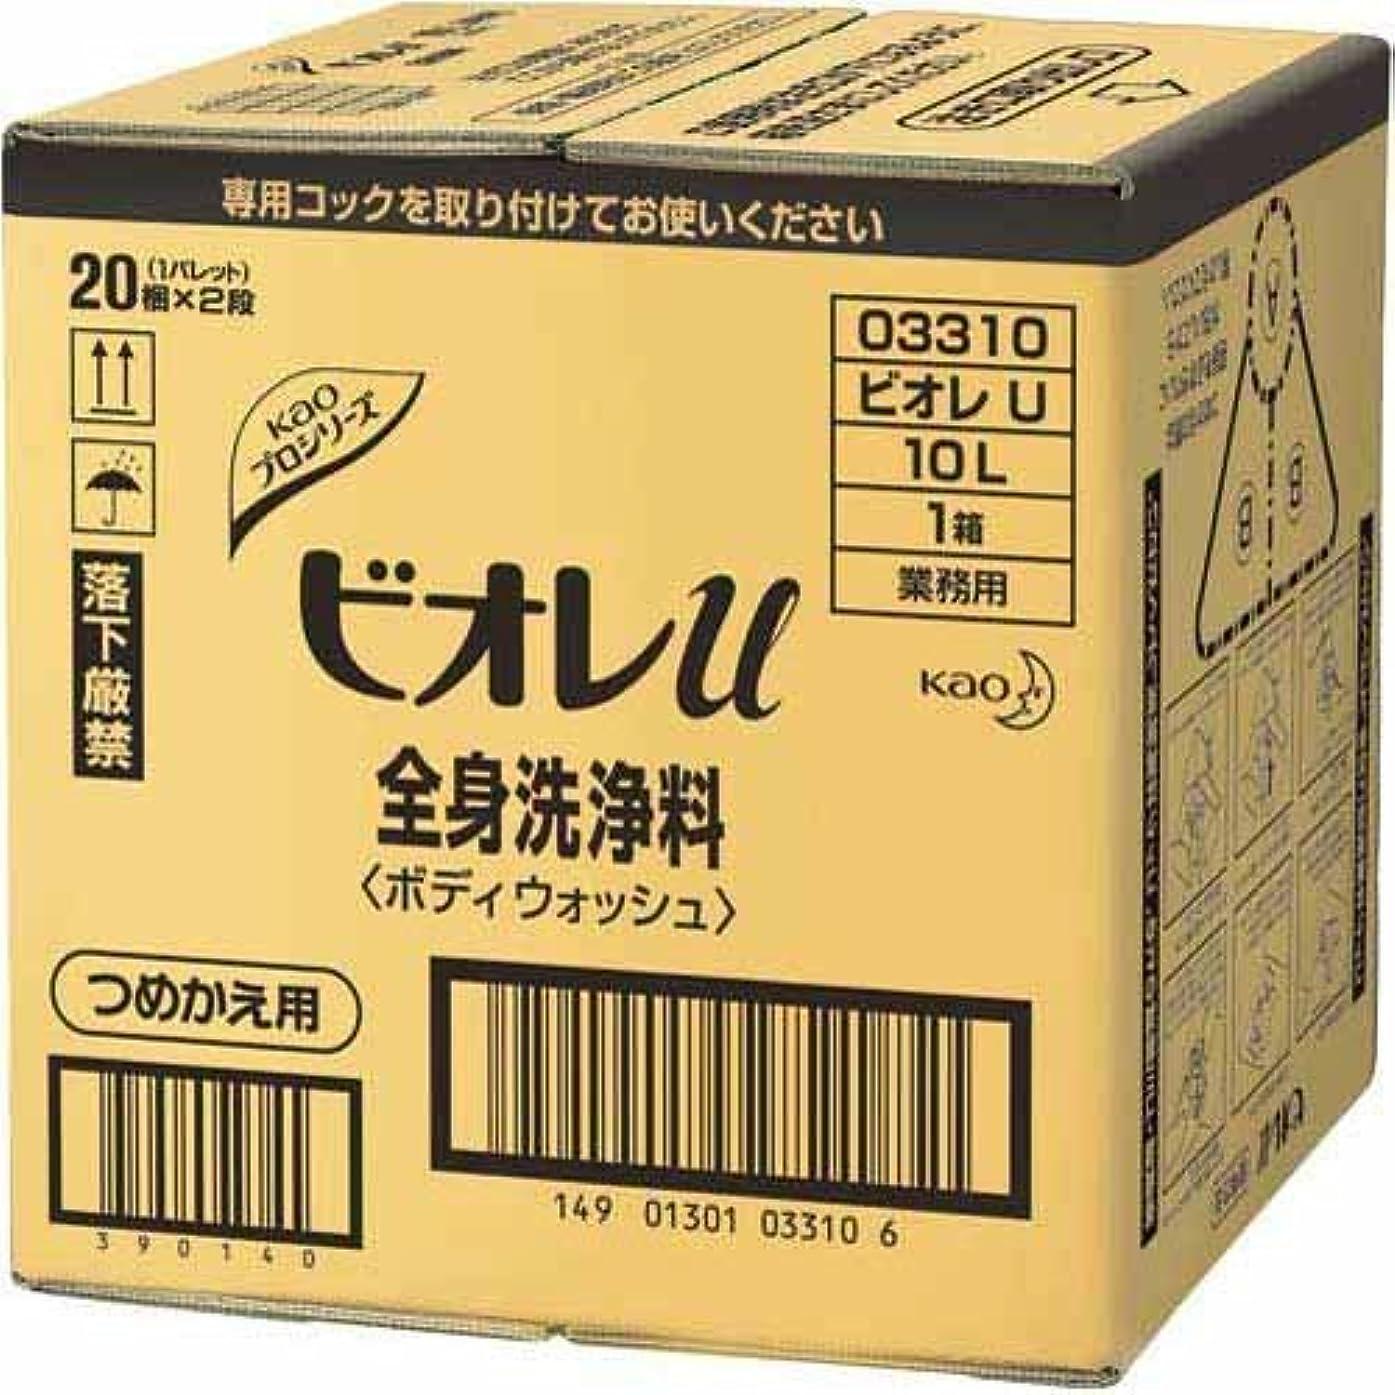 思春期低い財布花王 ビオレU 業務用 10L 033109 【まとめ買い2個セット】